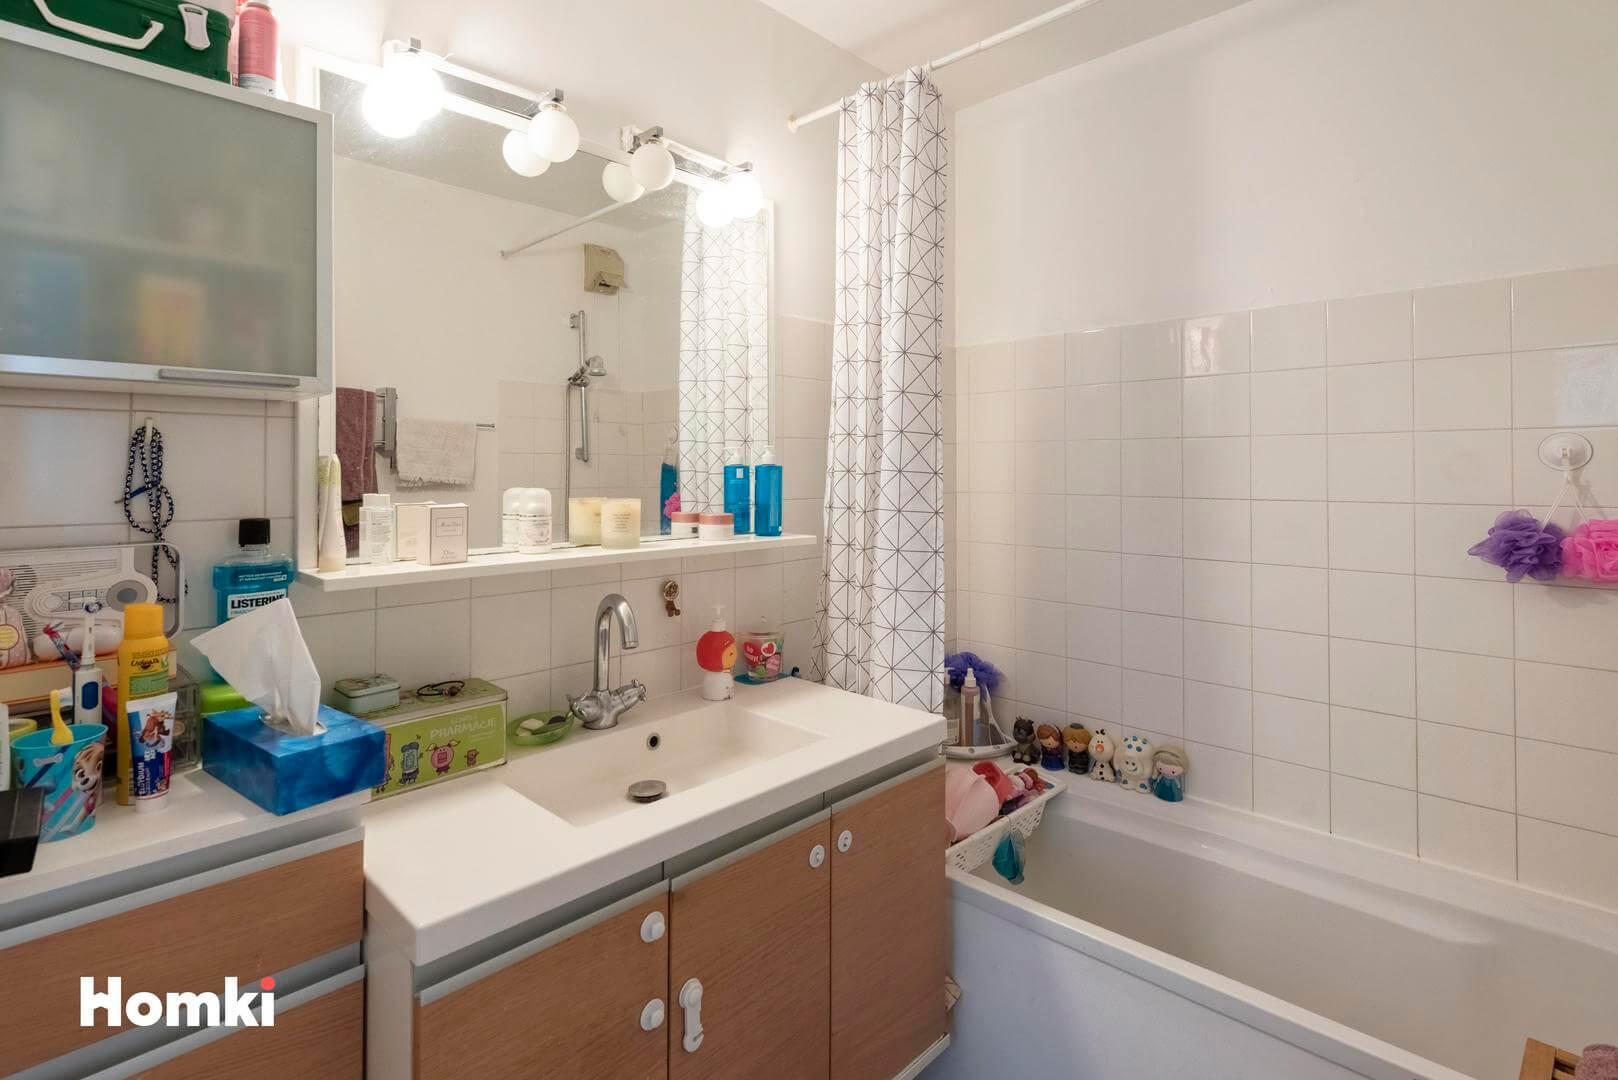 Homki - Vente Appartement  de 74.0 m² à Valbonne 06560